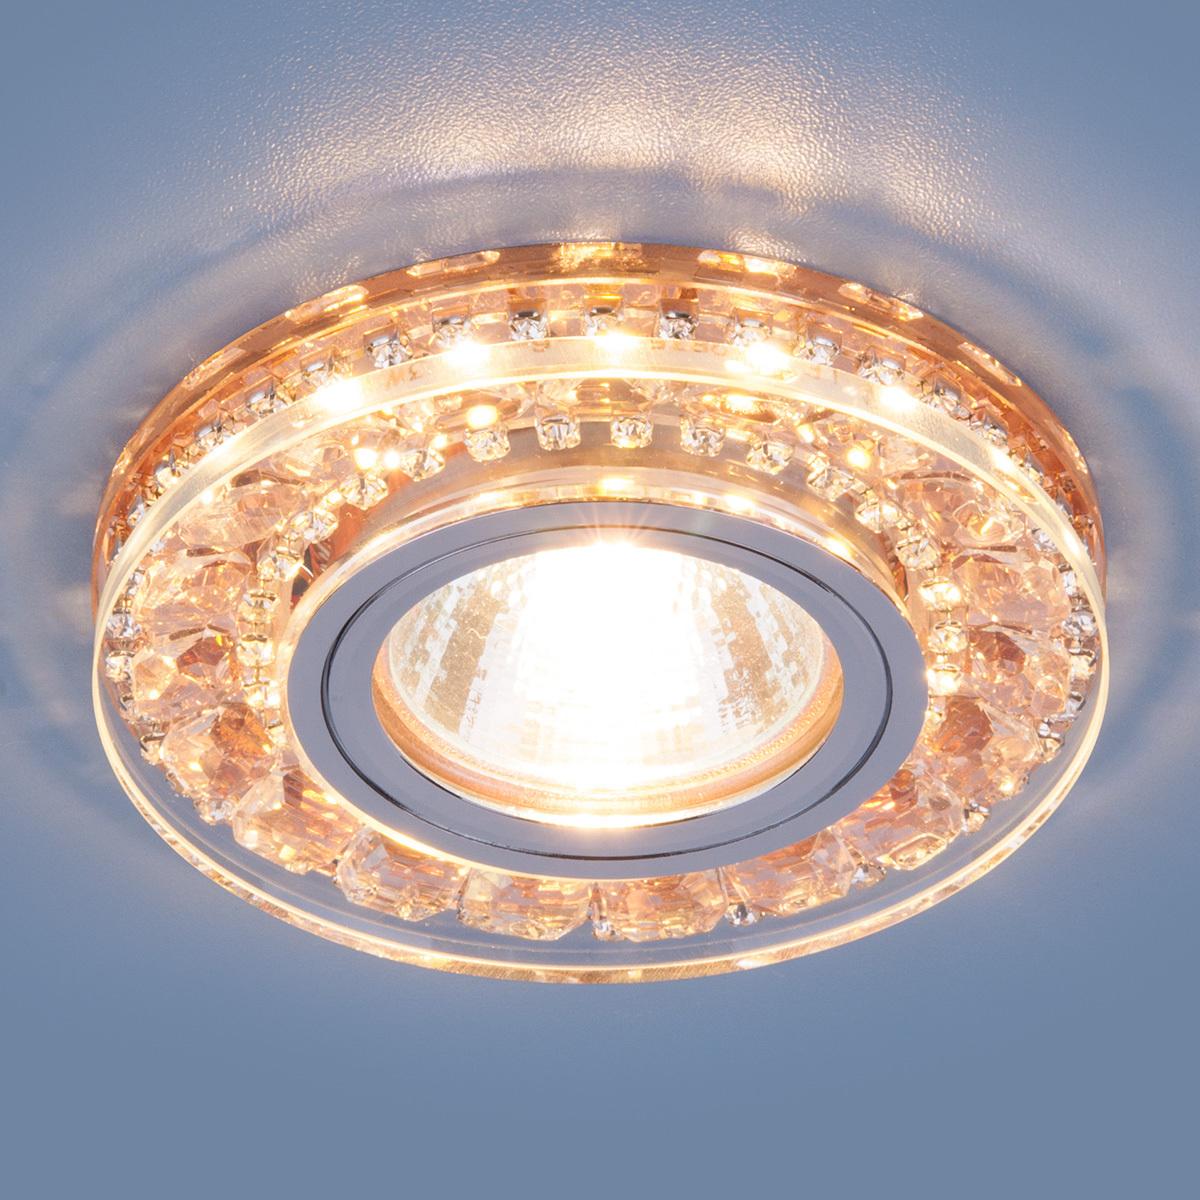 Встраиваемый светильник Elektrostandard Точечный светодиодный 2192 MR16 GD, G5.3 светильник встраиваемый escada milano gu5 3 001 gd